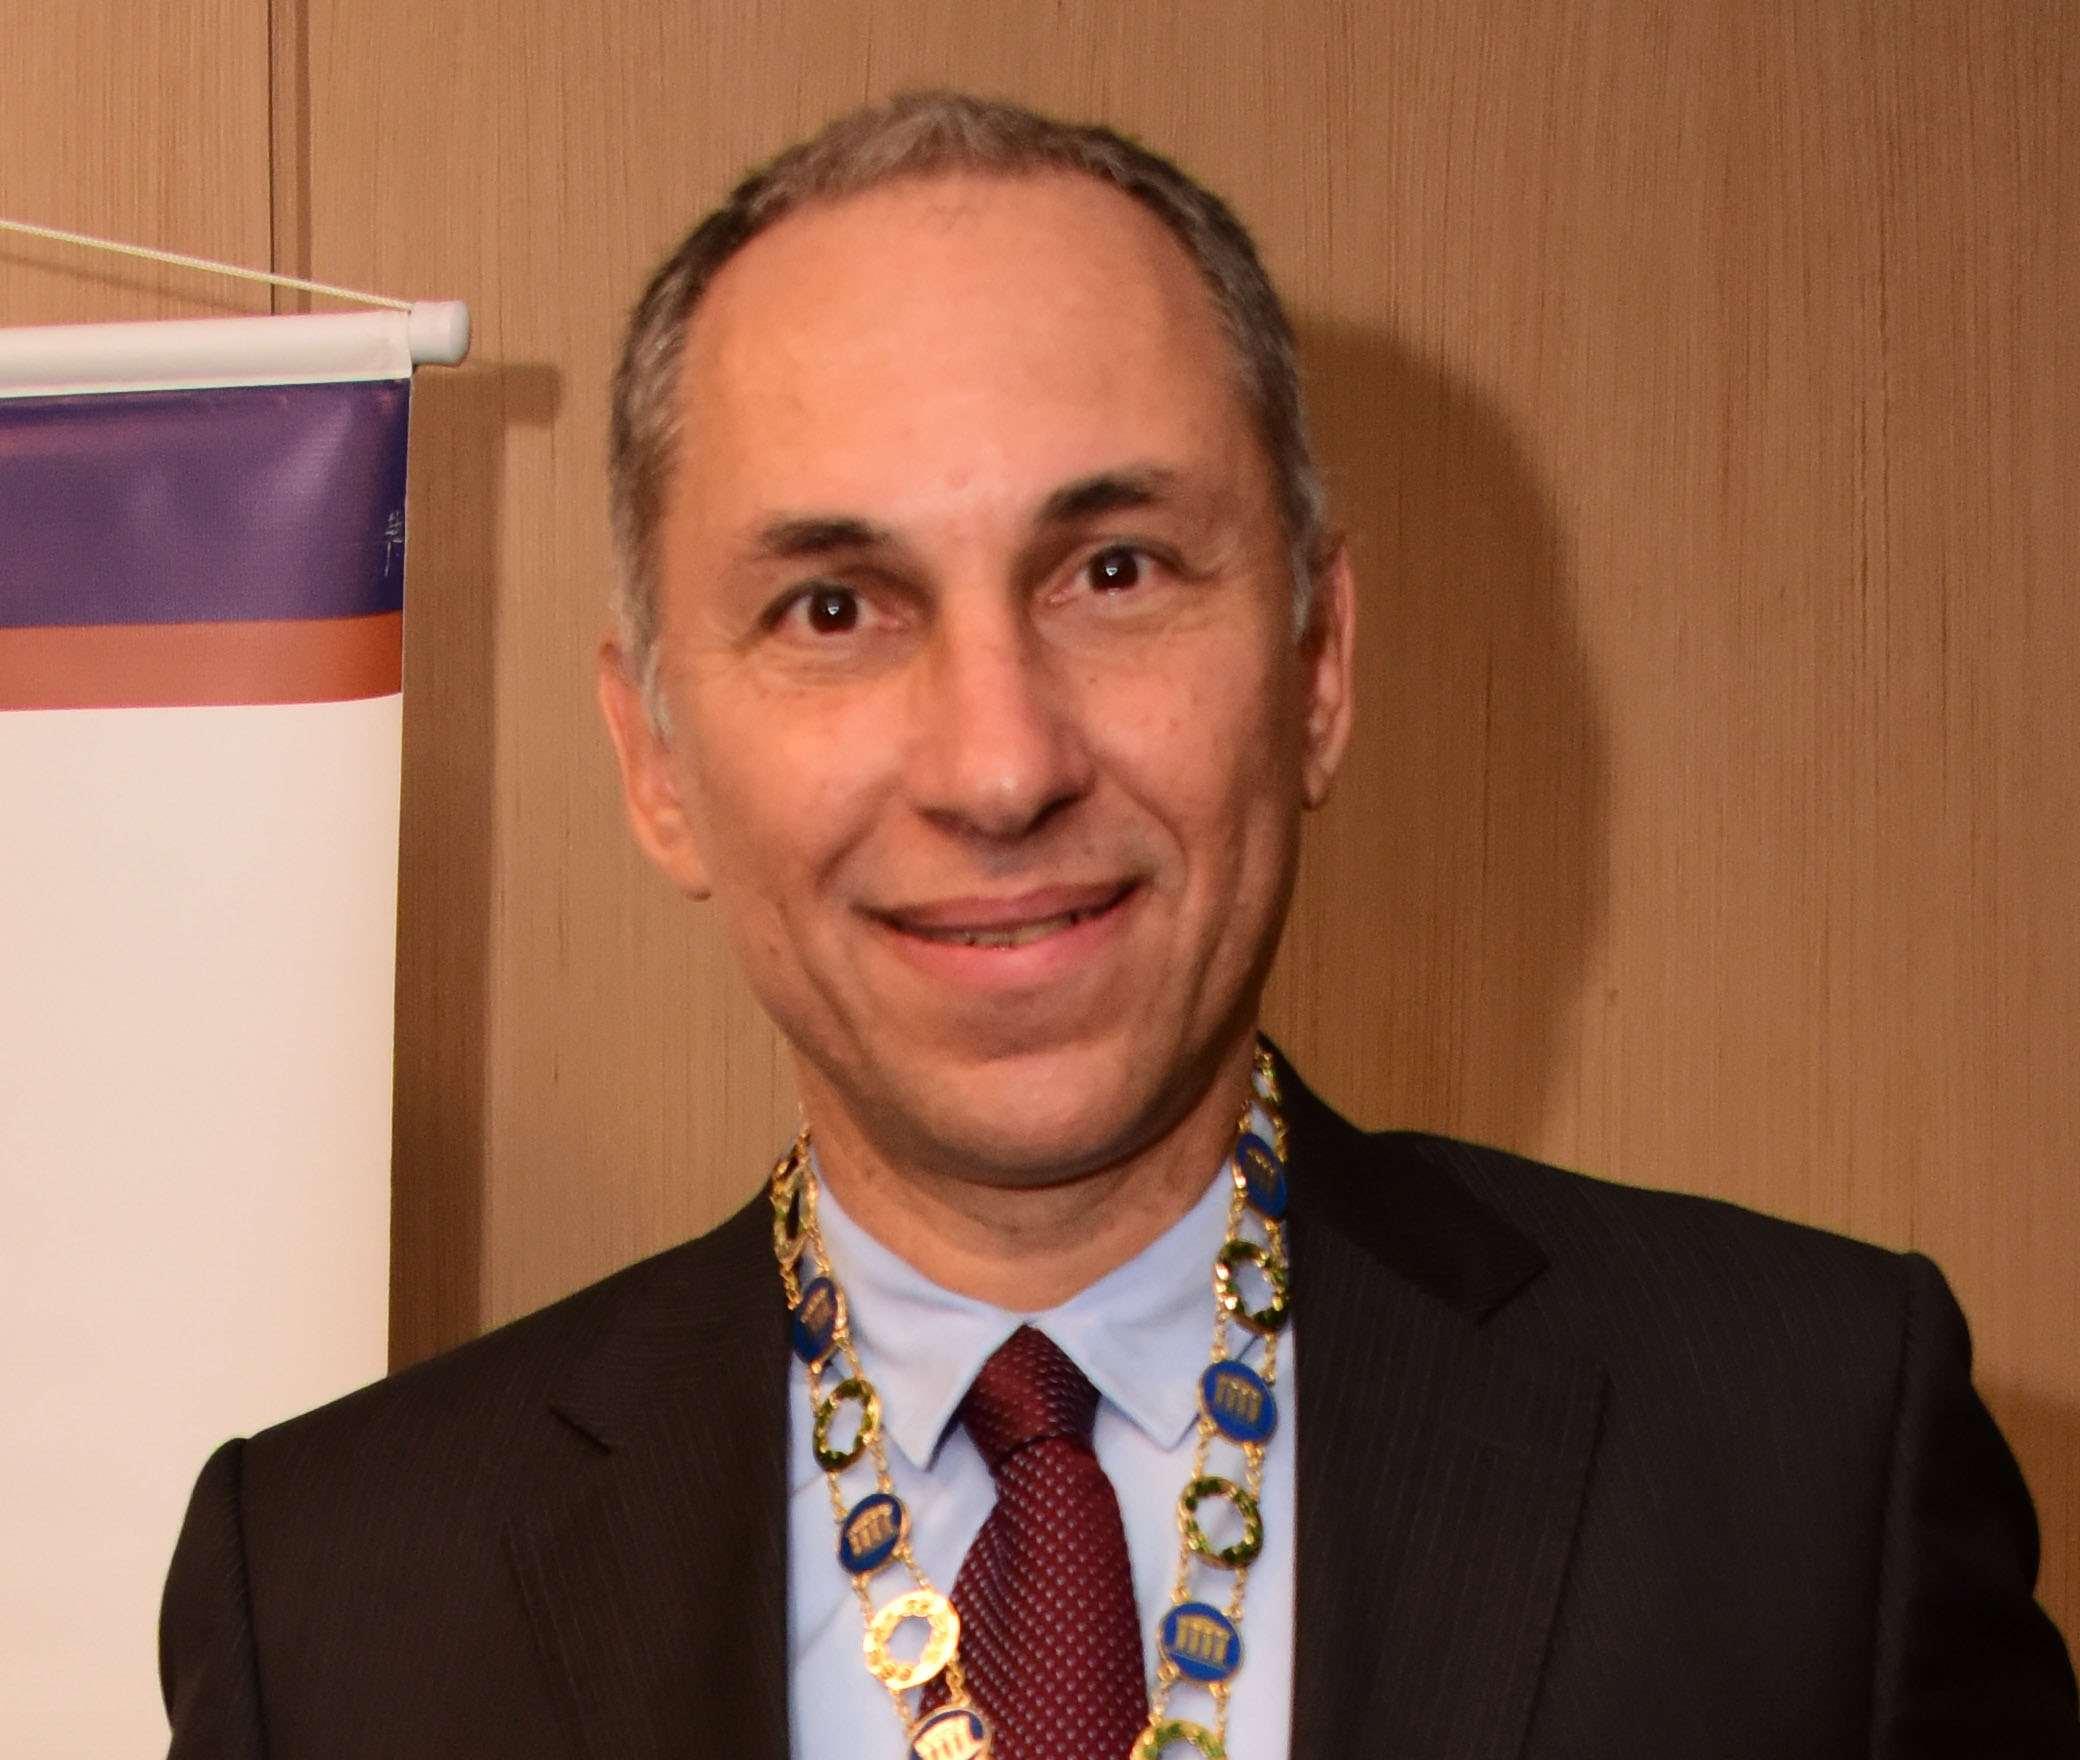 Mario Couto Soares Pinto